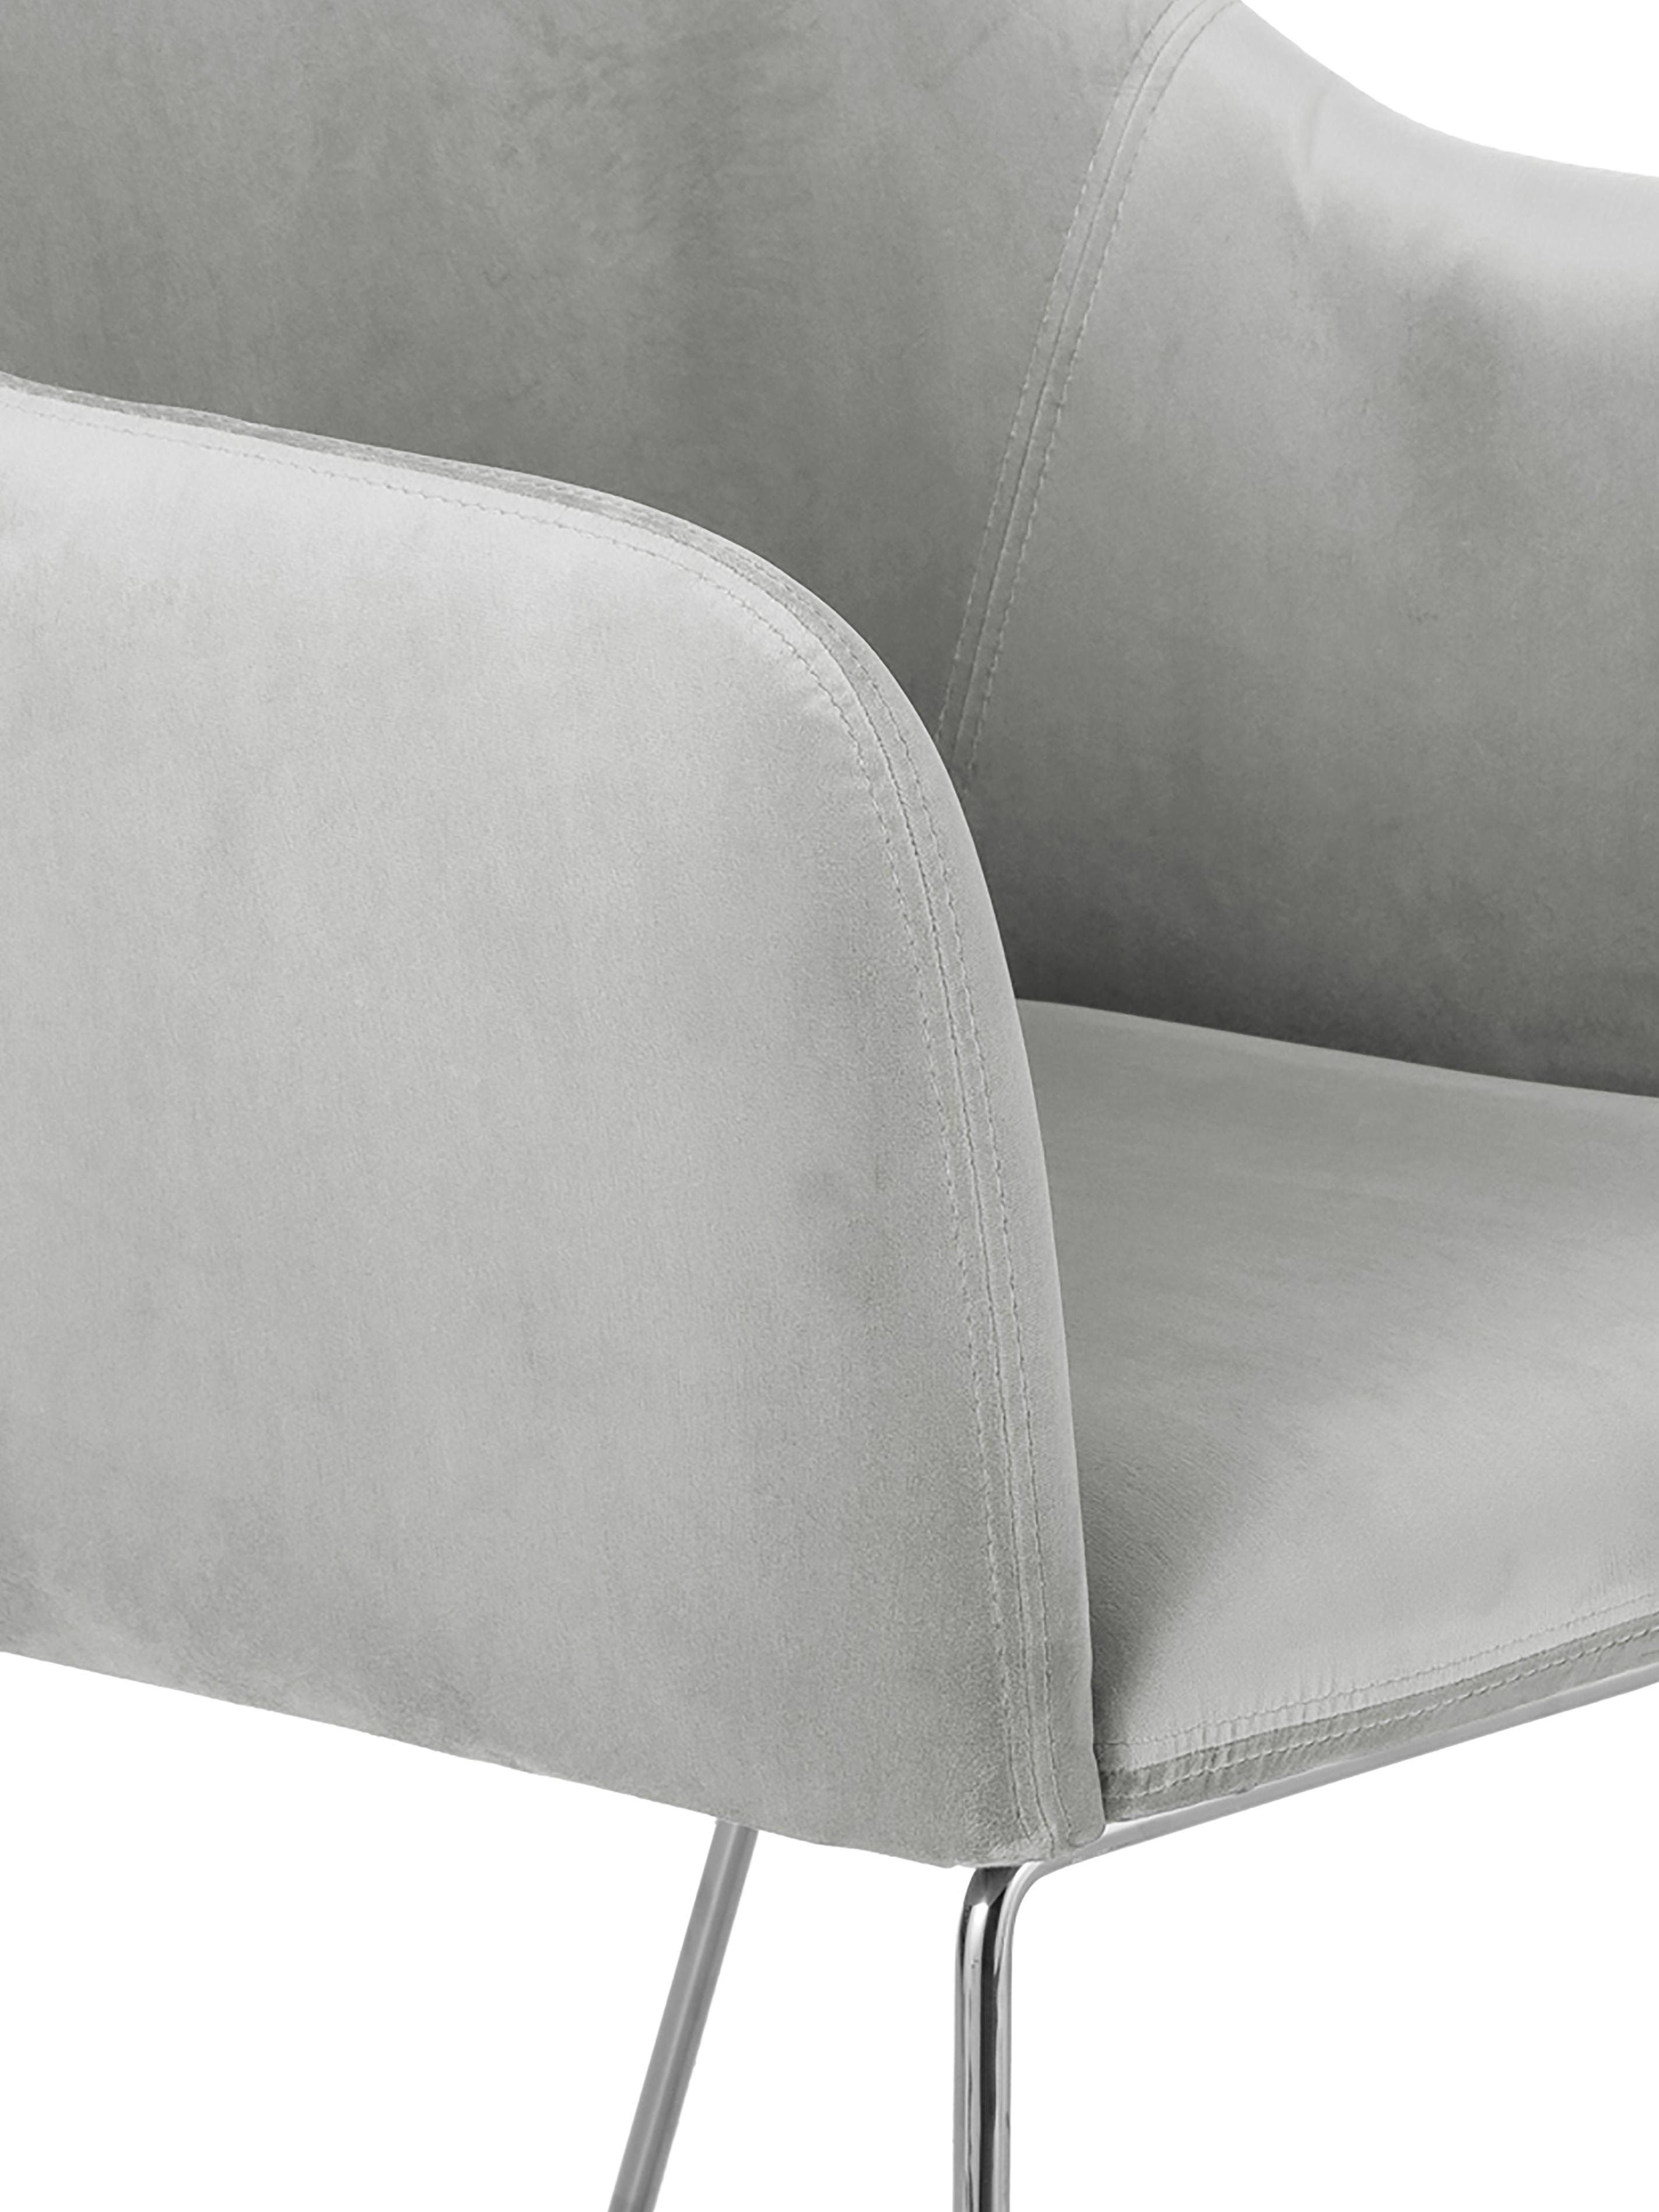 Krzesło z aksamitu z podłokietnikami Isla, Tapicerka: aksamit (poliester) 5000, Nogi: metal powlekany, Aksamitny jasny szary, nogi: srebrny, S 58 x G 62 cm